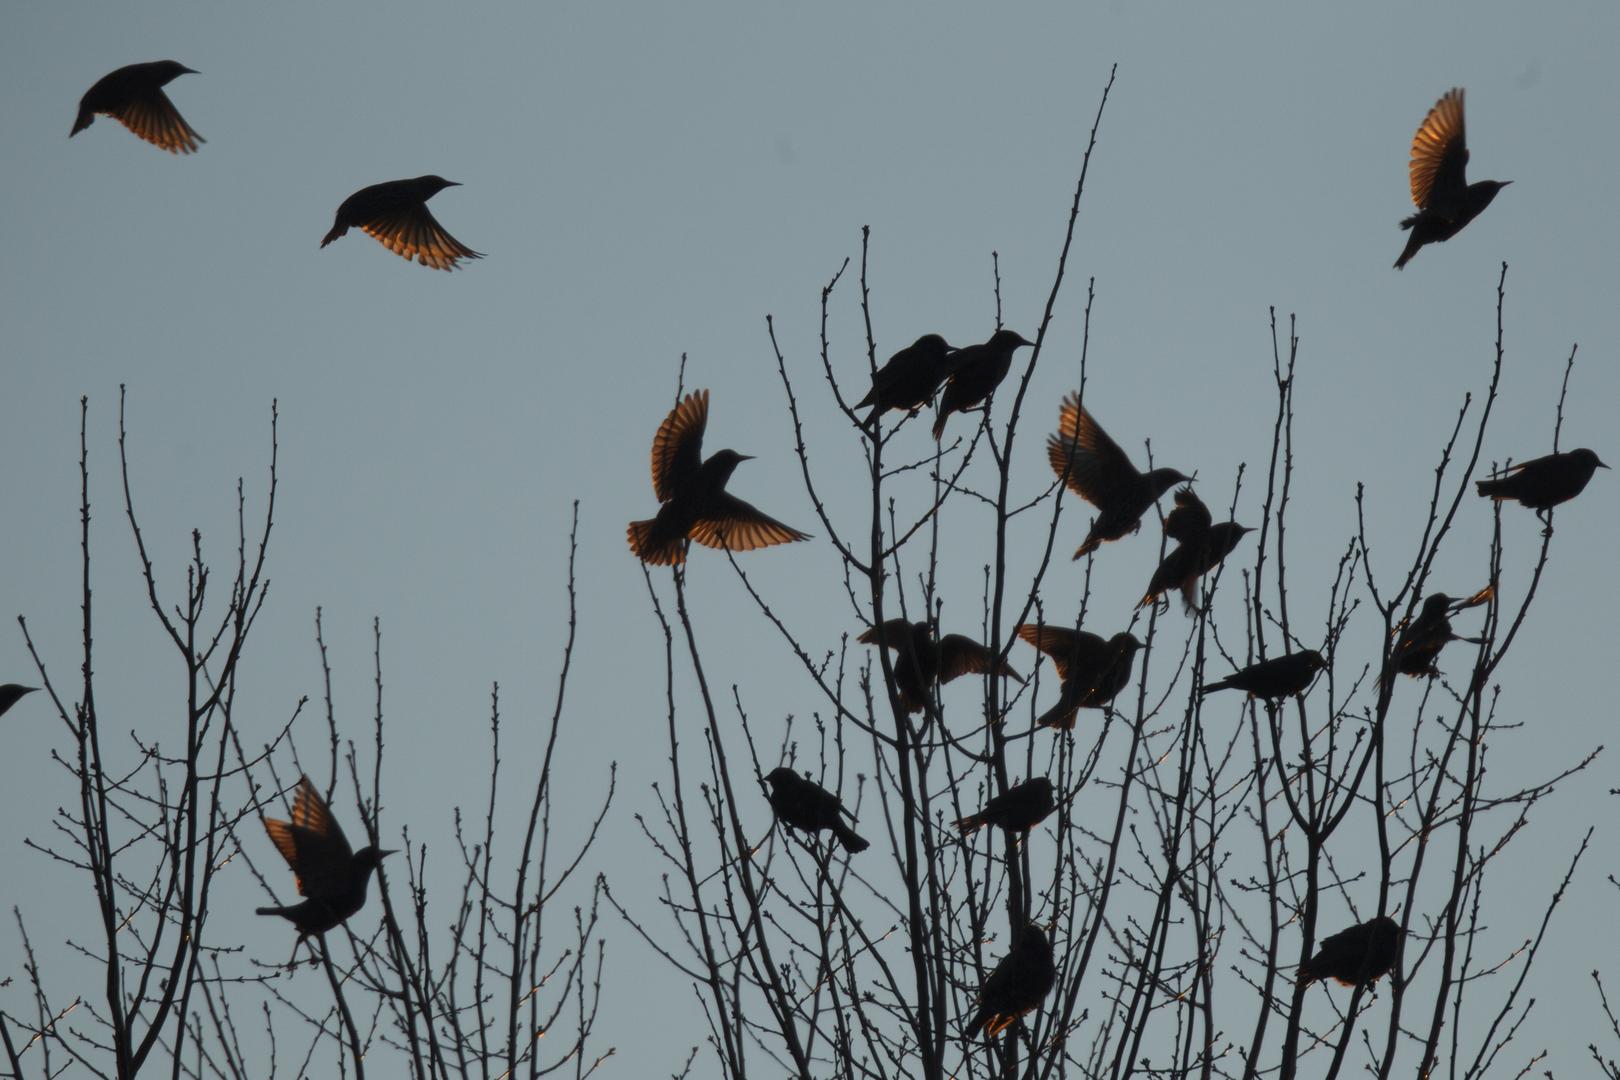 طيور الشحرور ذات القلنسوة الصفراء